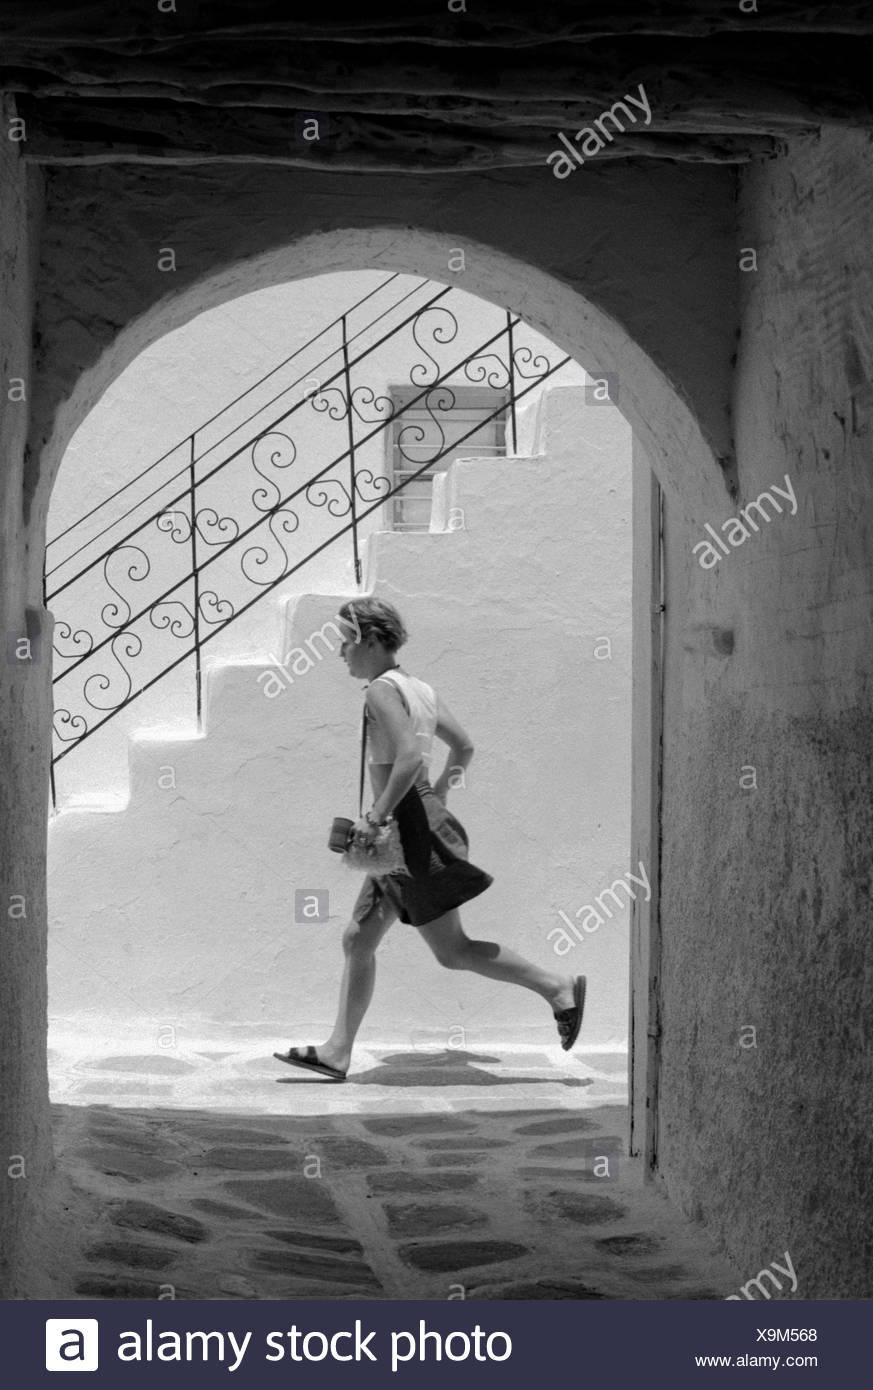 Griechenland, Kykladen, Insel Paros,  Gasse, Rundbogen, Mann, laufen, seitlich, s/w Kykladeninsel, Treppe, Stufen, Arkaden, Jogger,  Bewegung, sportlich, Eile, Hast, außen - Stock Image